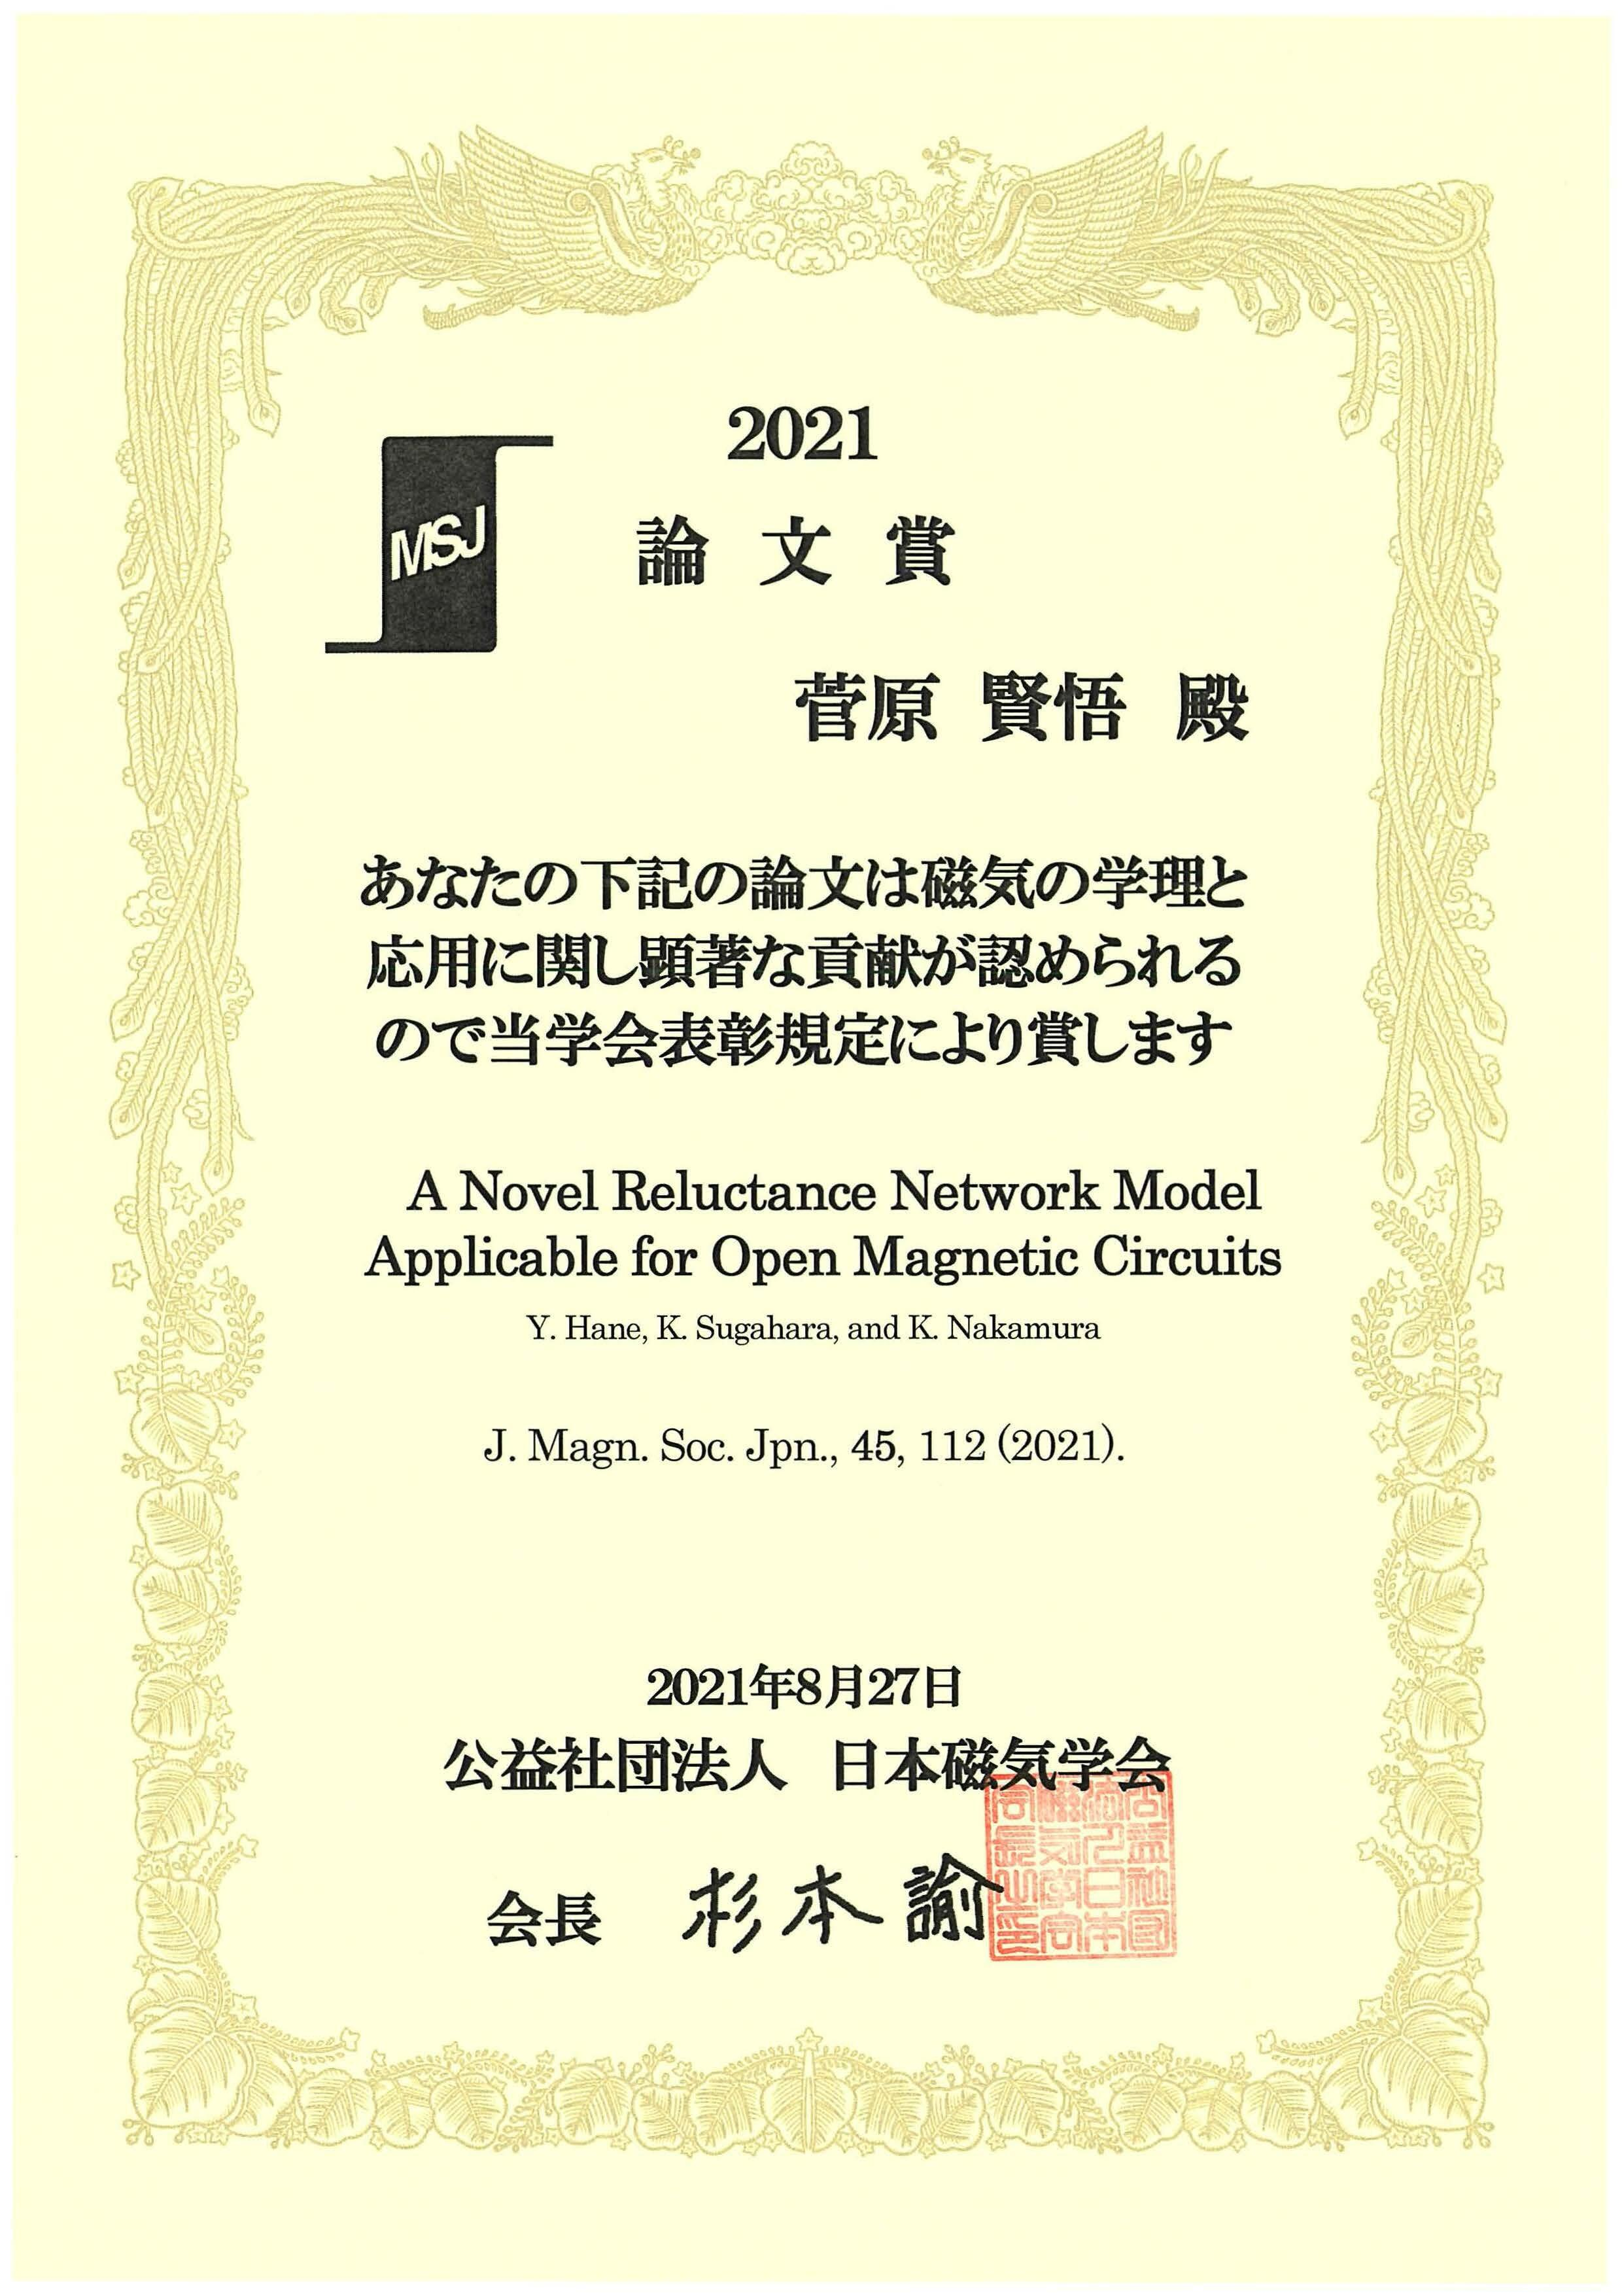 2021_磁気学会論文賞.jpg